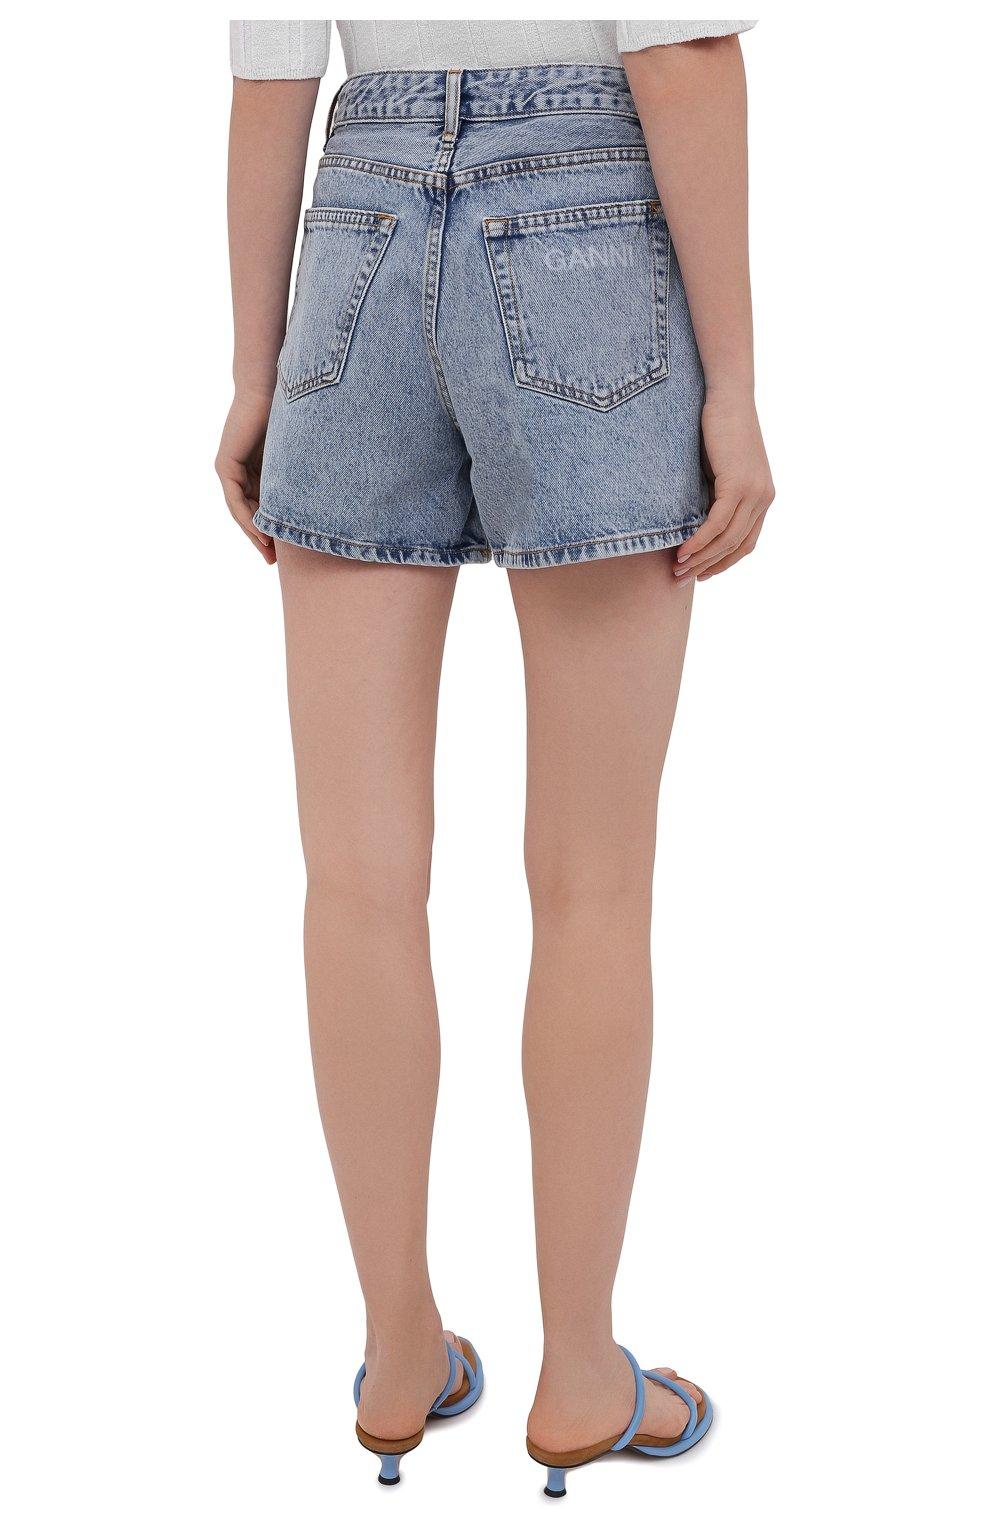 Женские джинсовые шорты GANNI голубого цвета, арт. F5789 | Фото 4 (Женское Кросс-КТ: Шорты-одежда; Кросс-КТ: Деним; Длина Ж (юбки, платья, шорты): Мини; Стили: Гранж; Материал внешний: Хлопок)